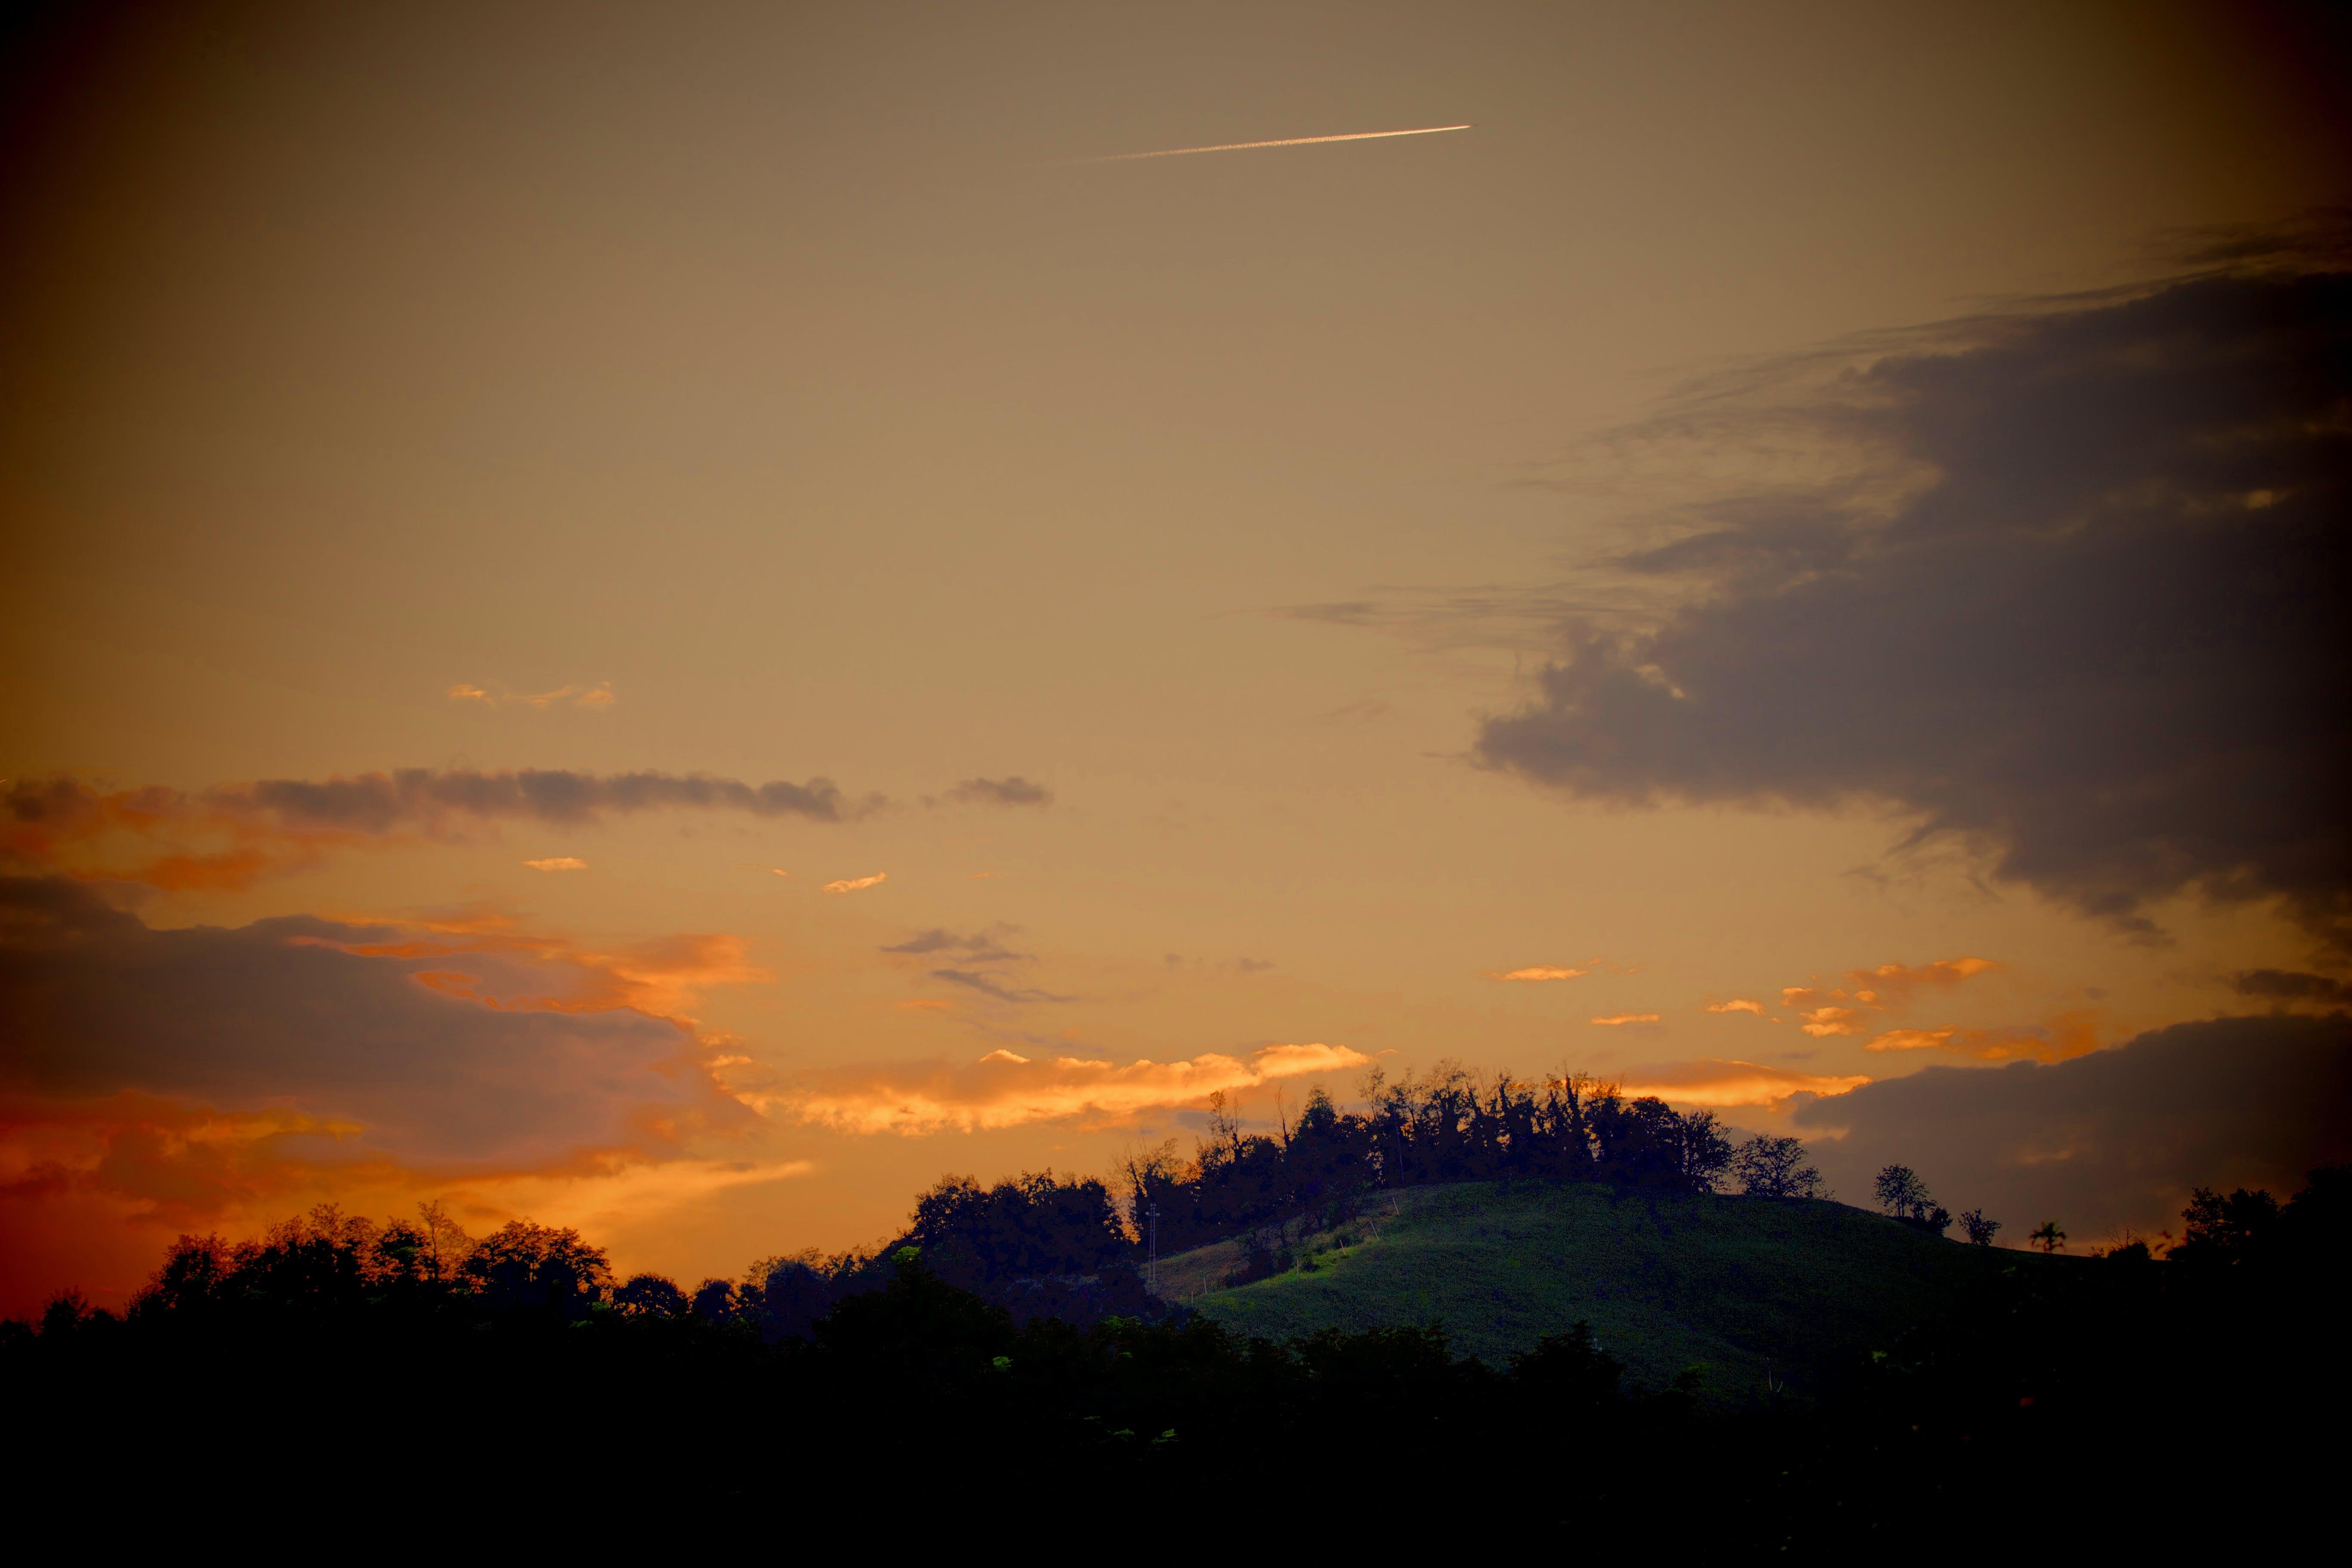 αεροπλάνο, βουνό, γαλάζιος ουρανός